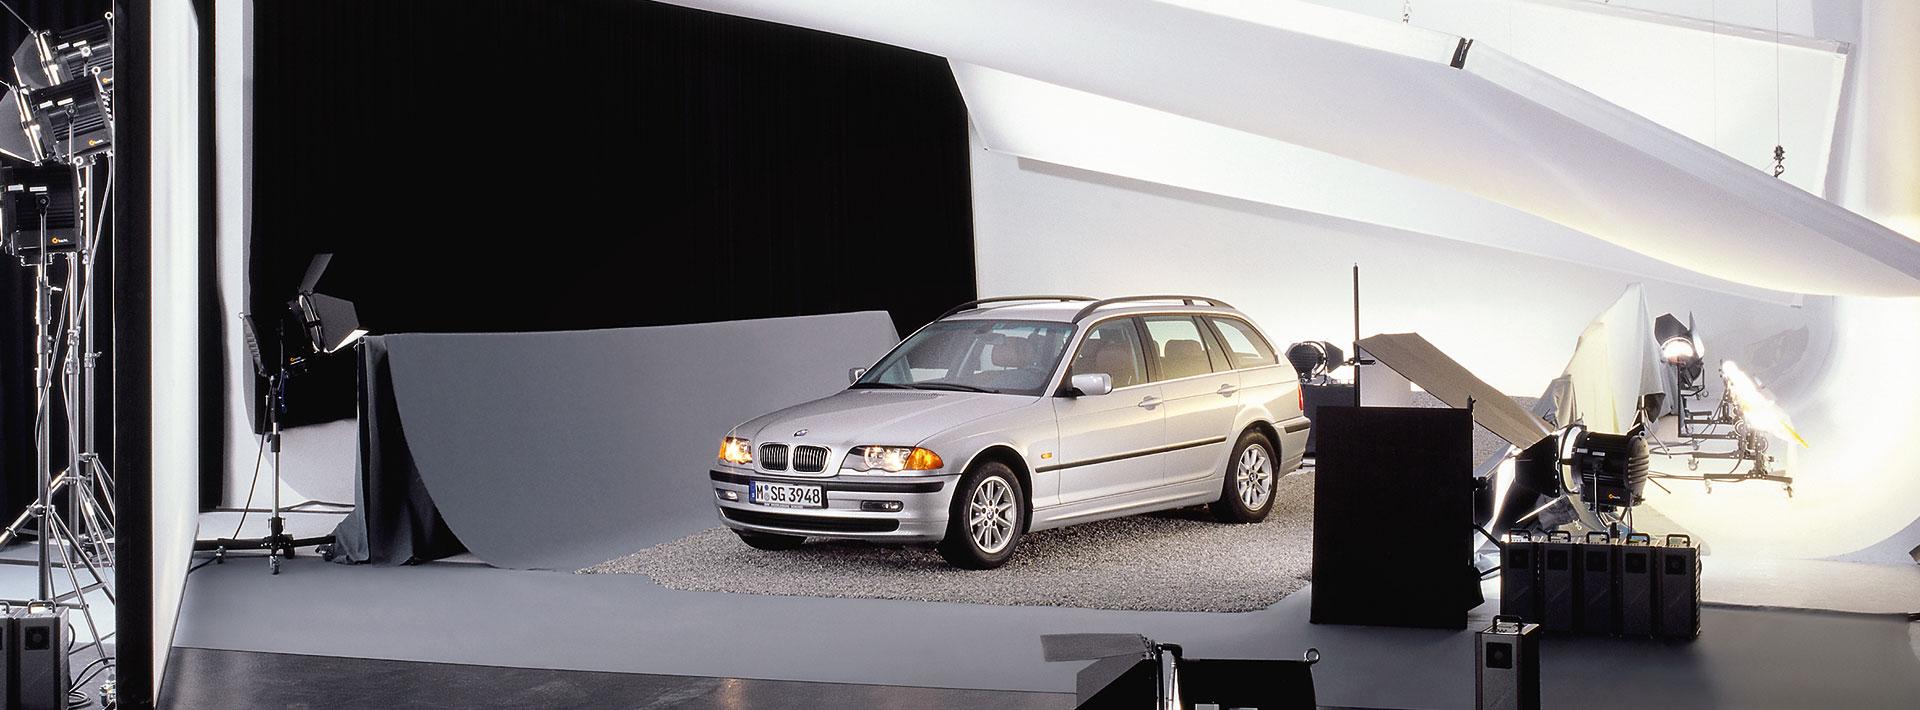 Referenzen BMW Fotostudio